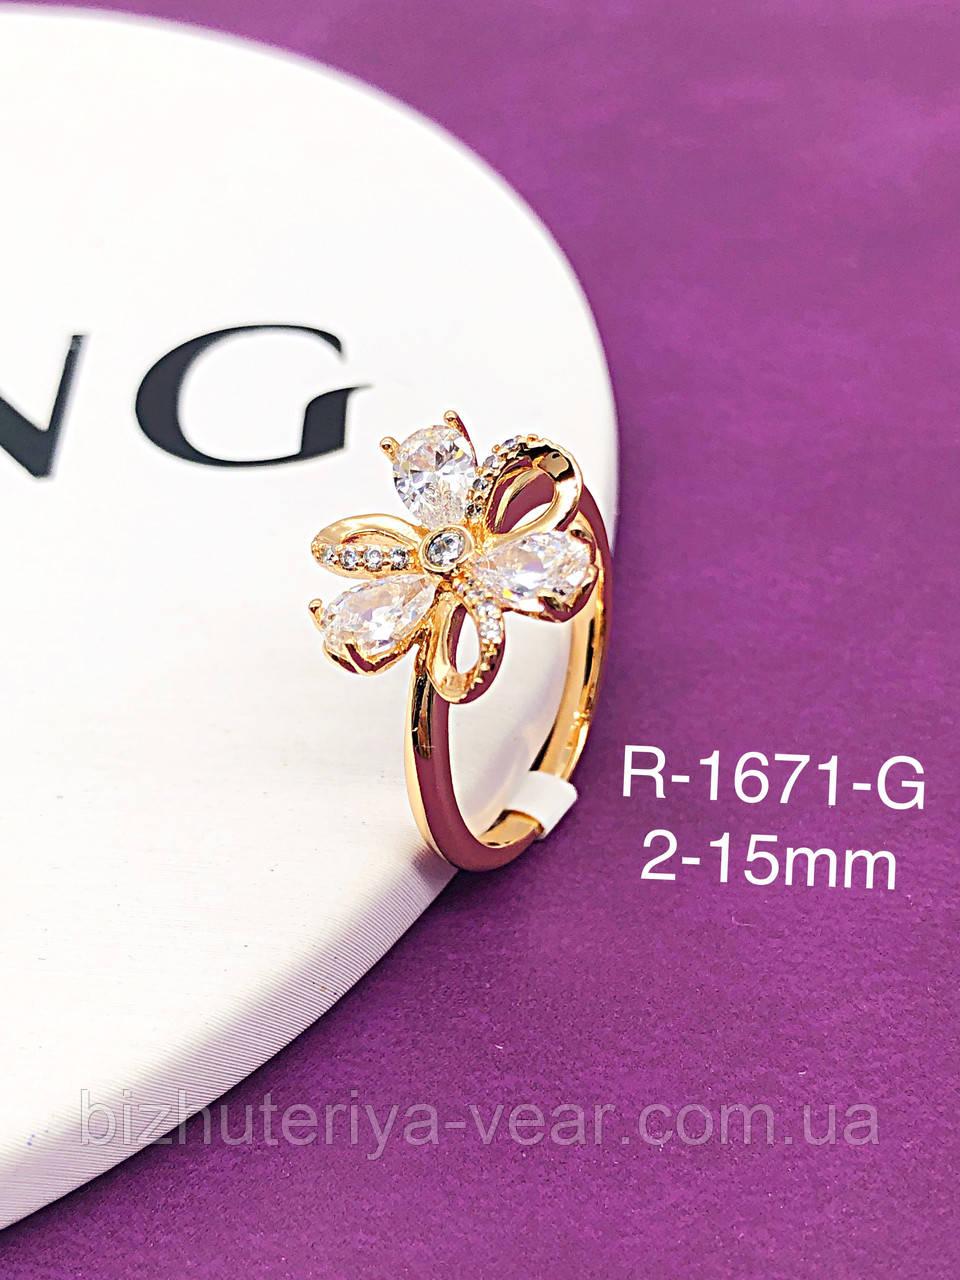 Кольцо R-1671 (6,8,9,10)